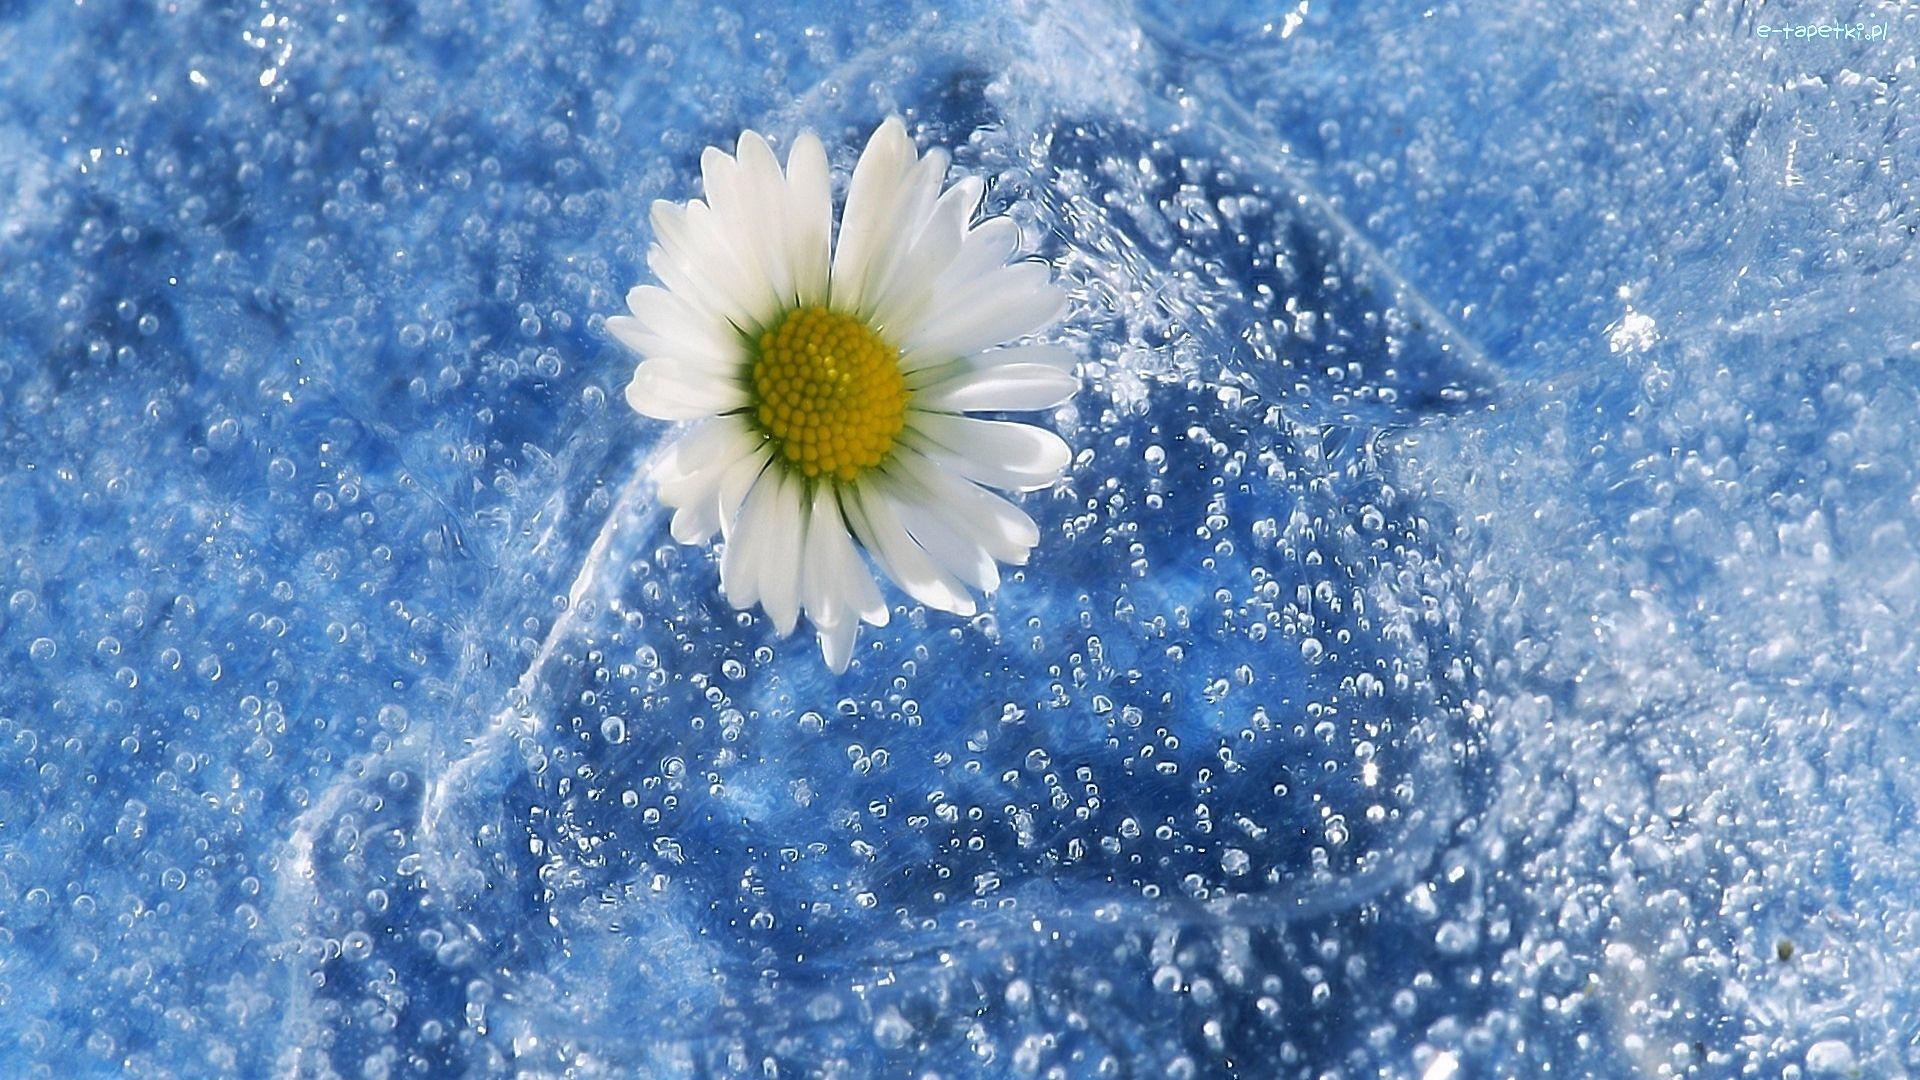 Kwiat Grafika Babelki Beautiful Flowers Wallpapers Flower Wallpaper Artistic Wallpaper